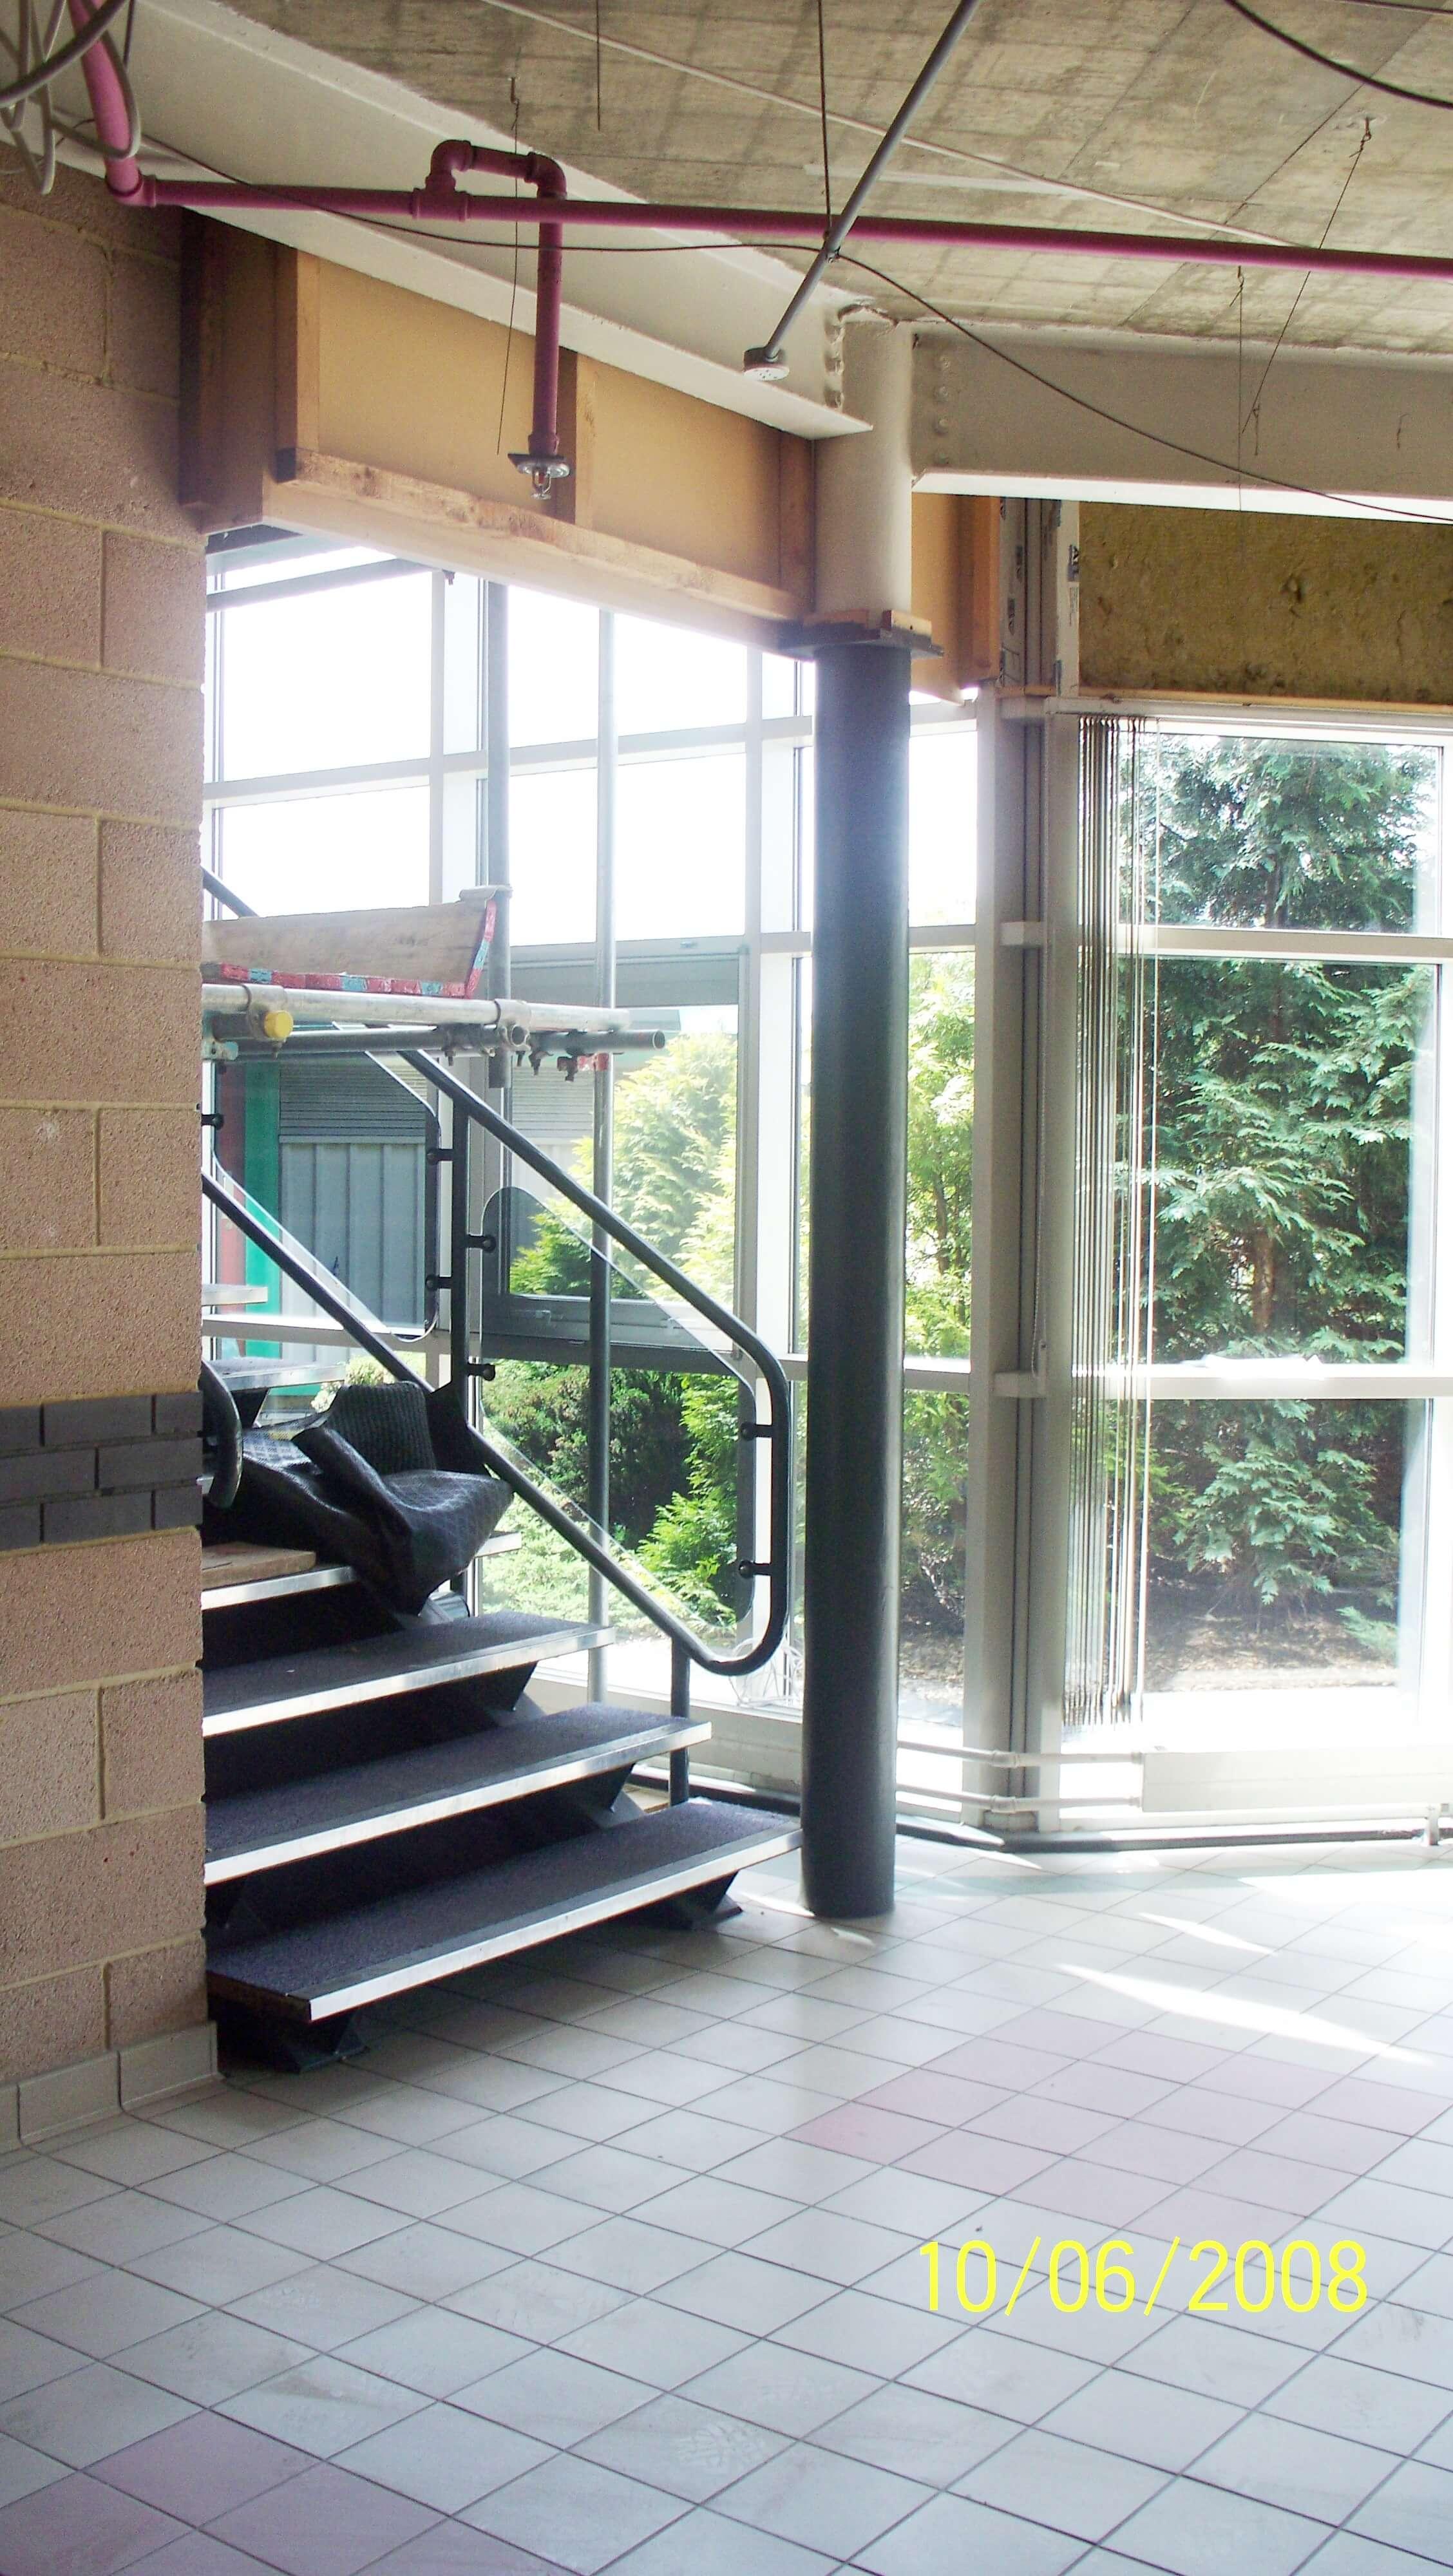 Reception and Office Refurbishment in Bristol